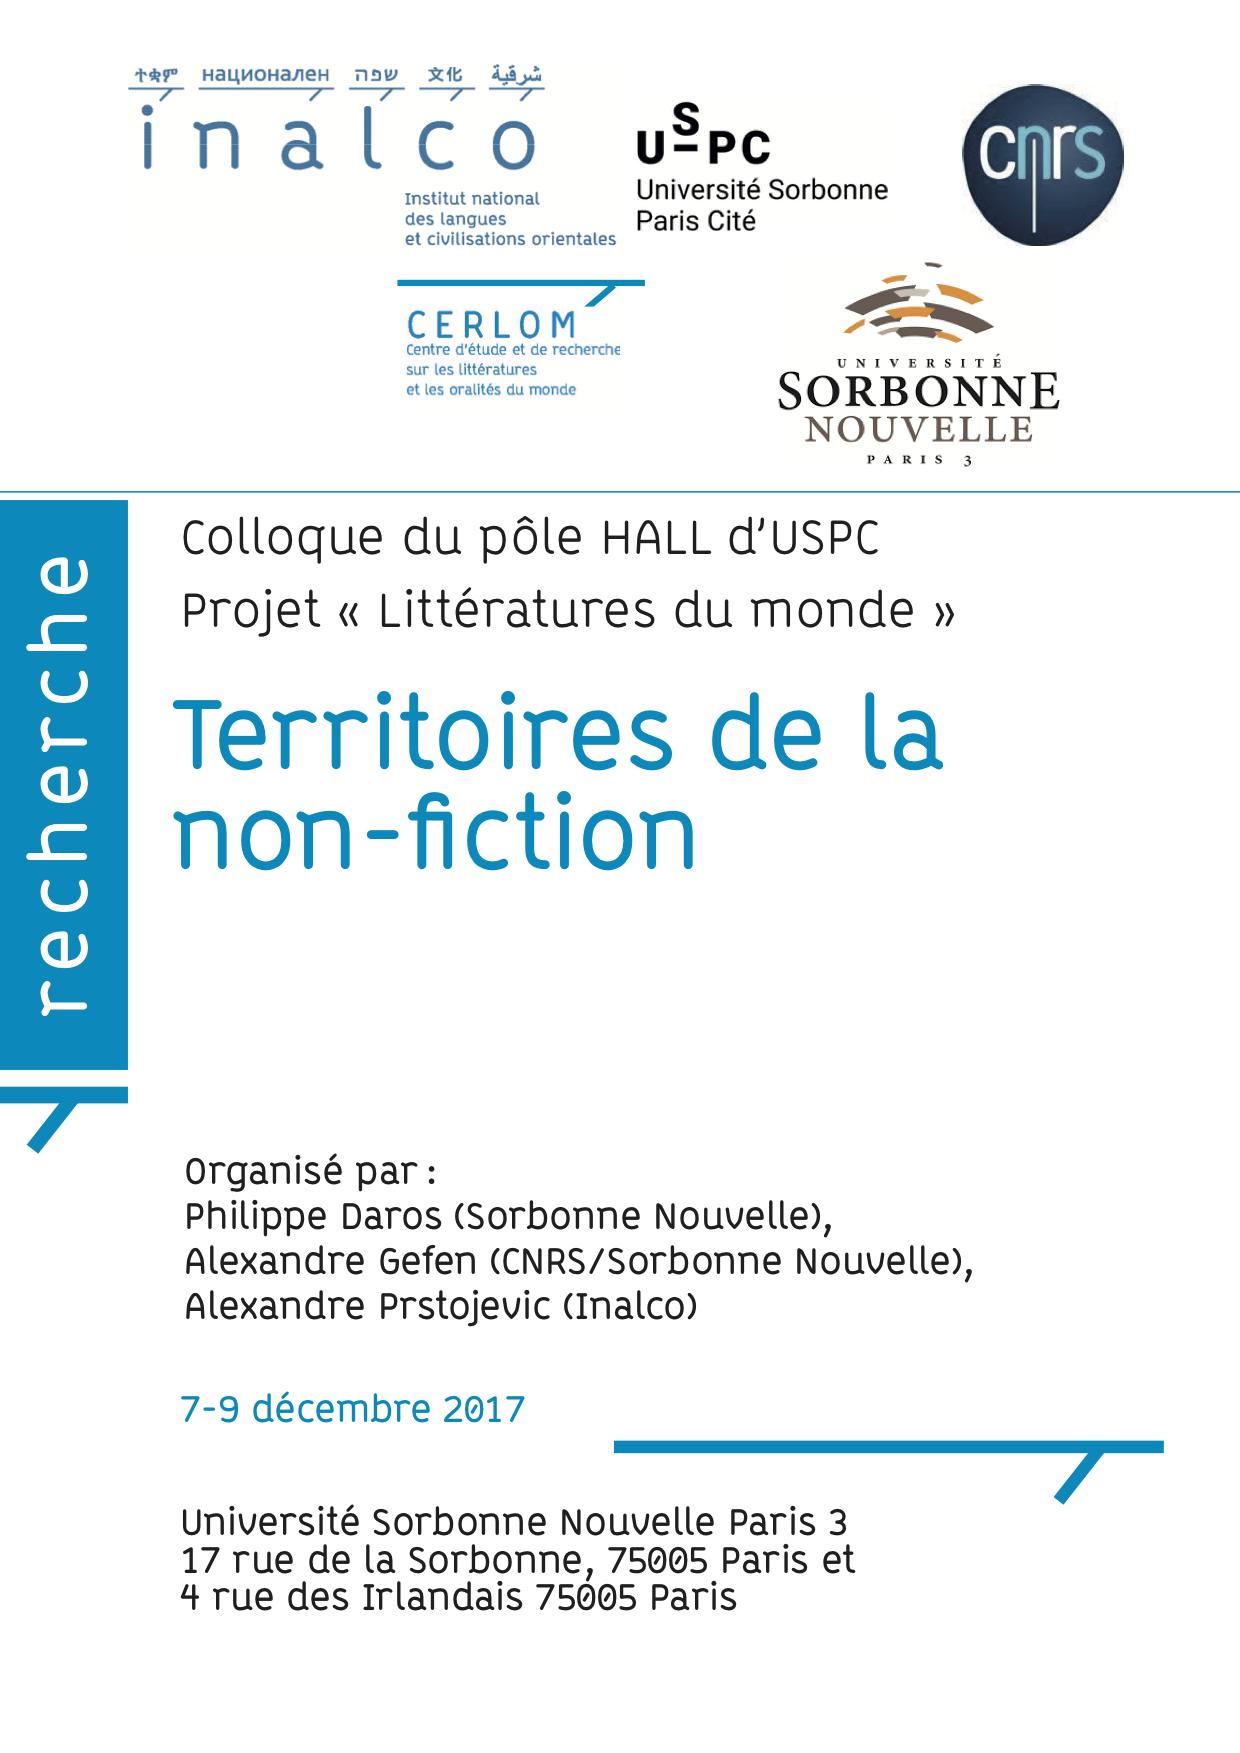 Territoires de la non-fiction (Paris 3)